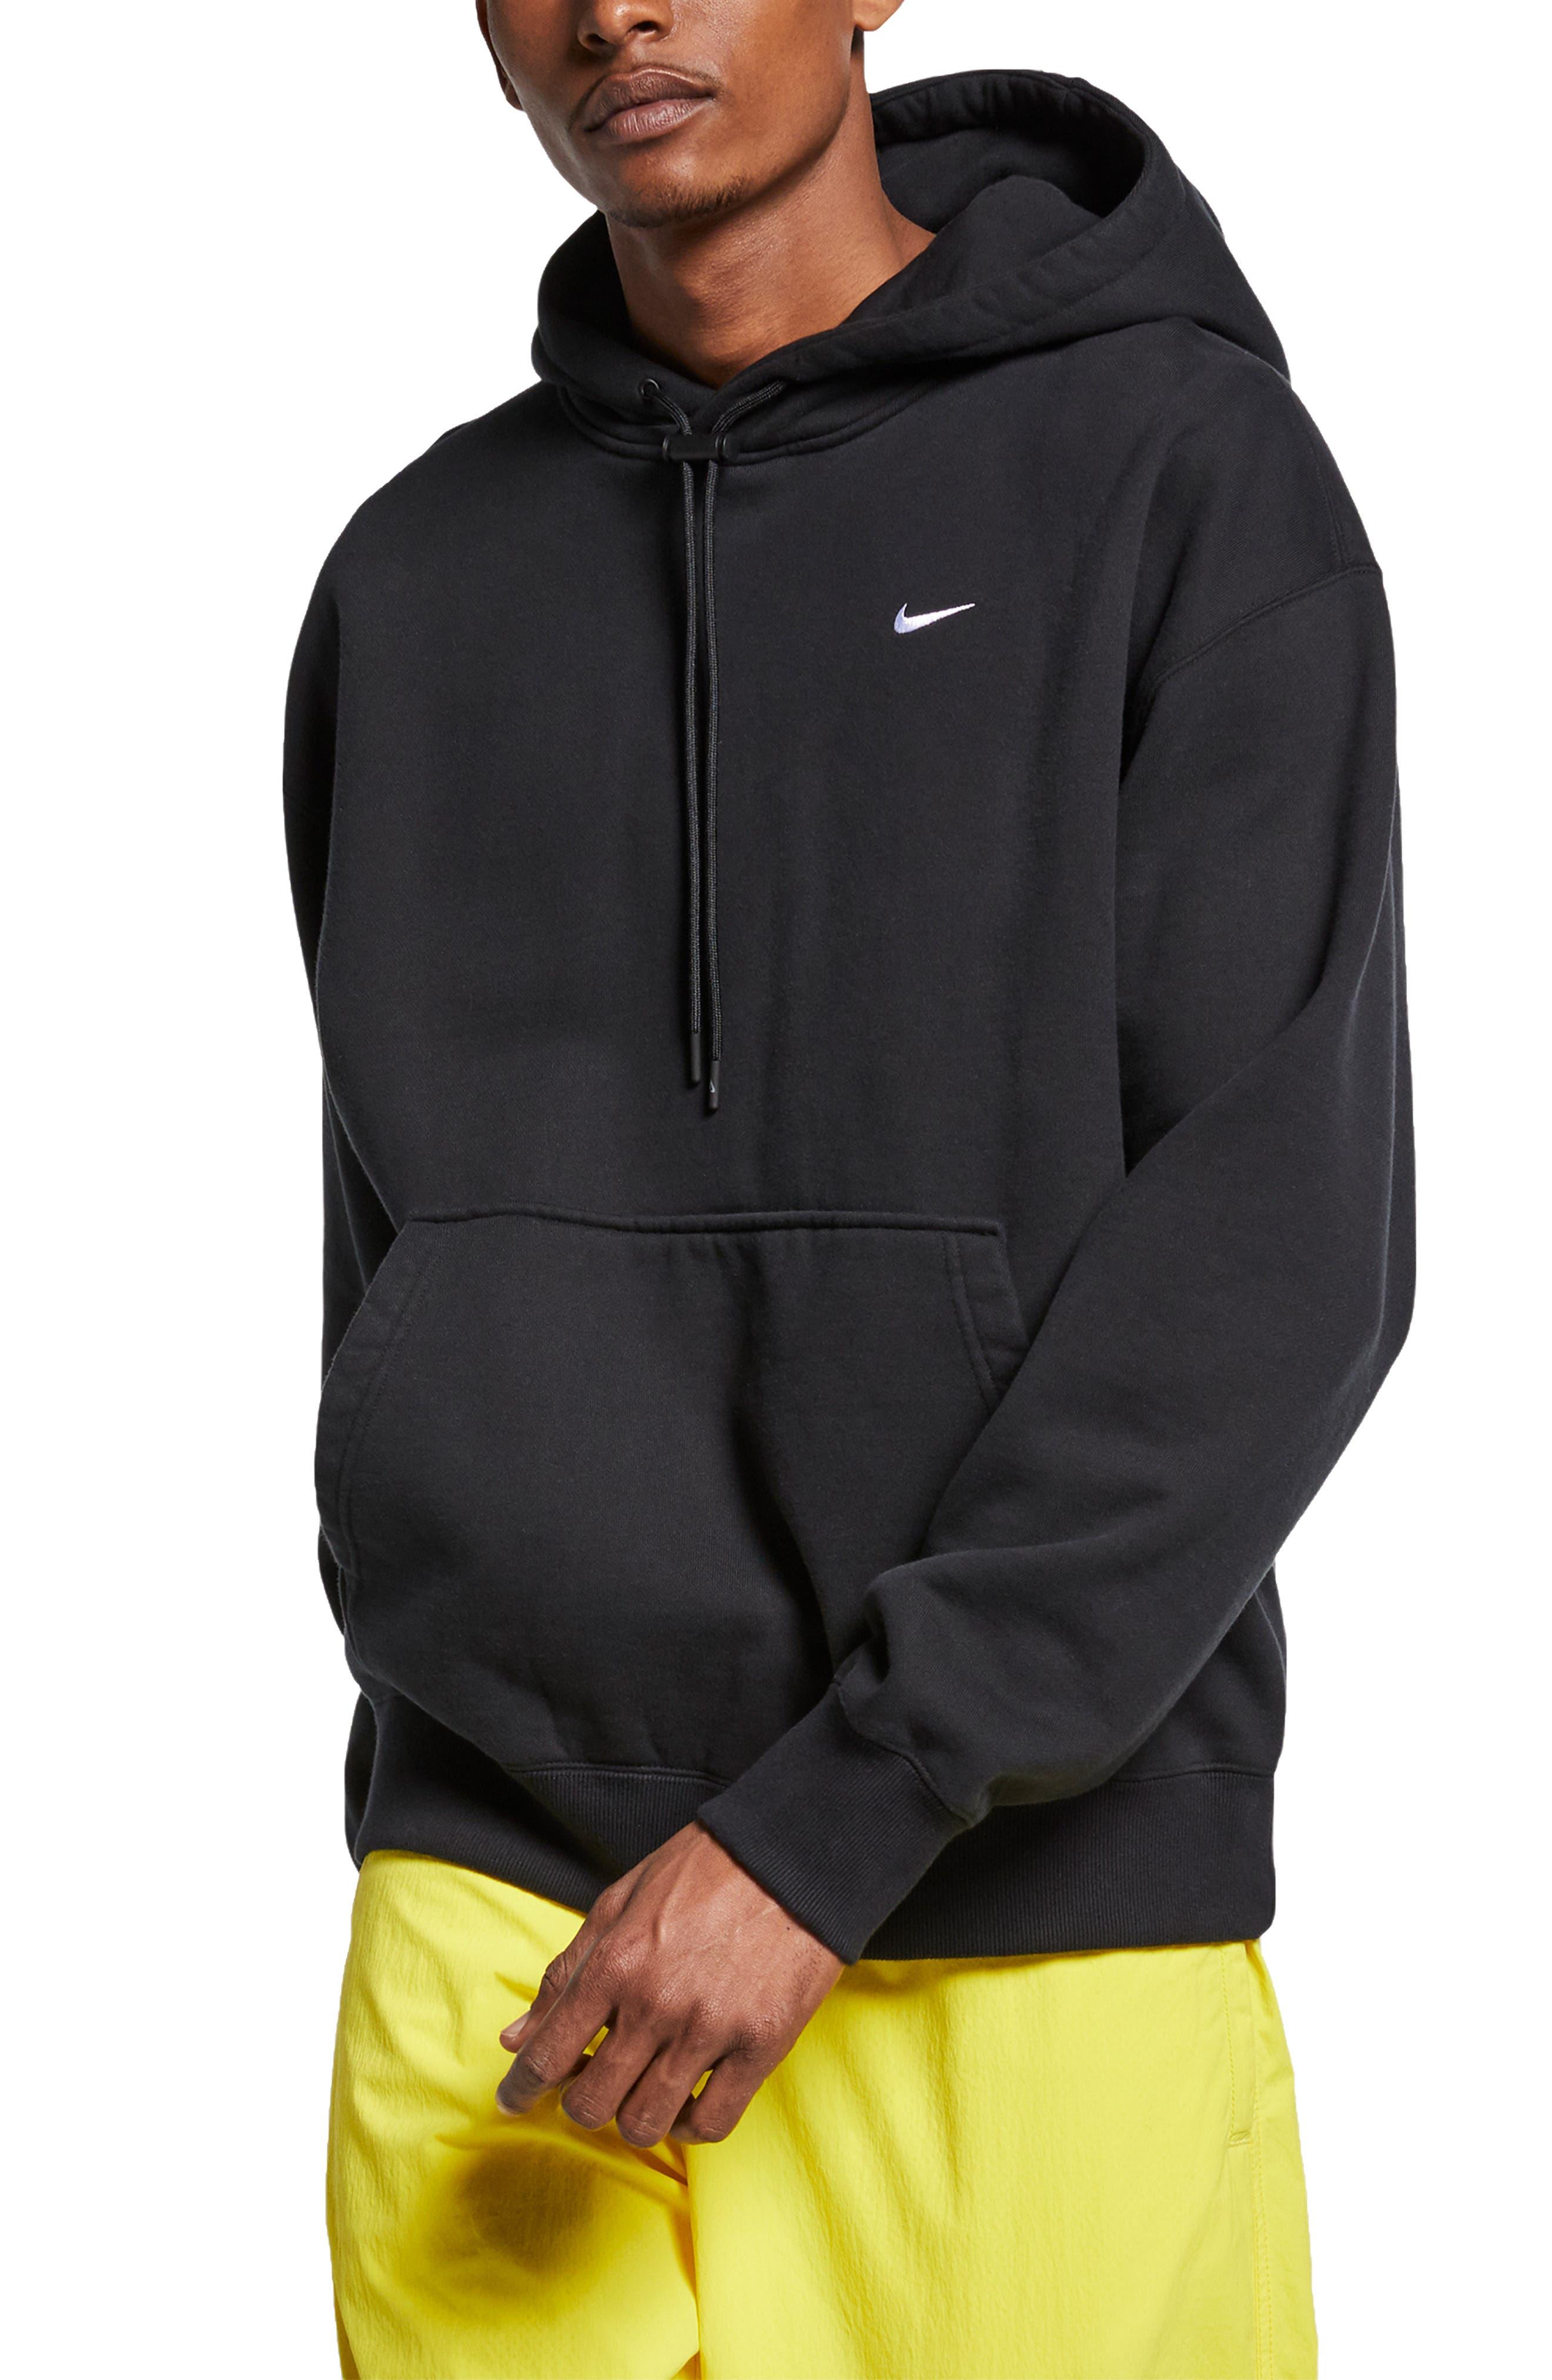 Hoodiesamp; Men's Men's Hoodiesamp; Men's Nike Nike SweatshirtsNordstrom SweatshirtsNordstrom Nike 15l3FKuTJc